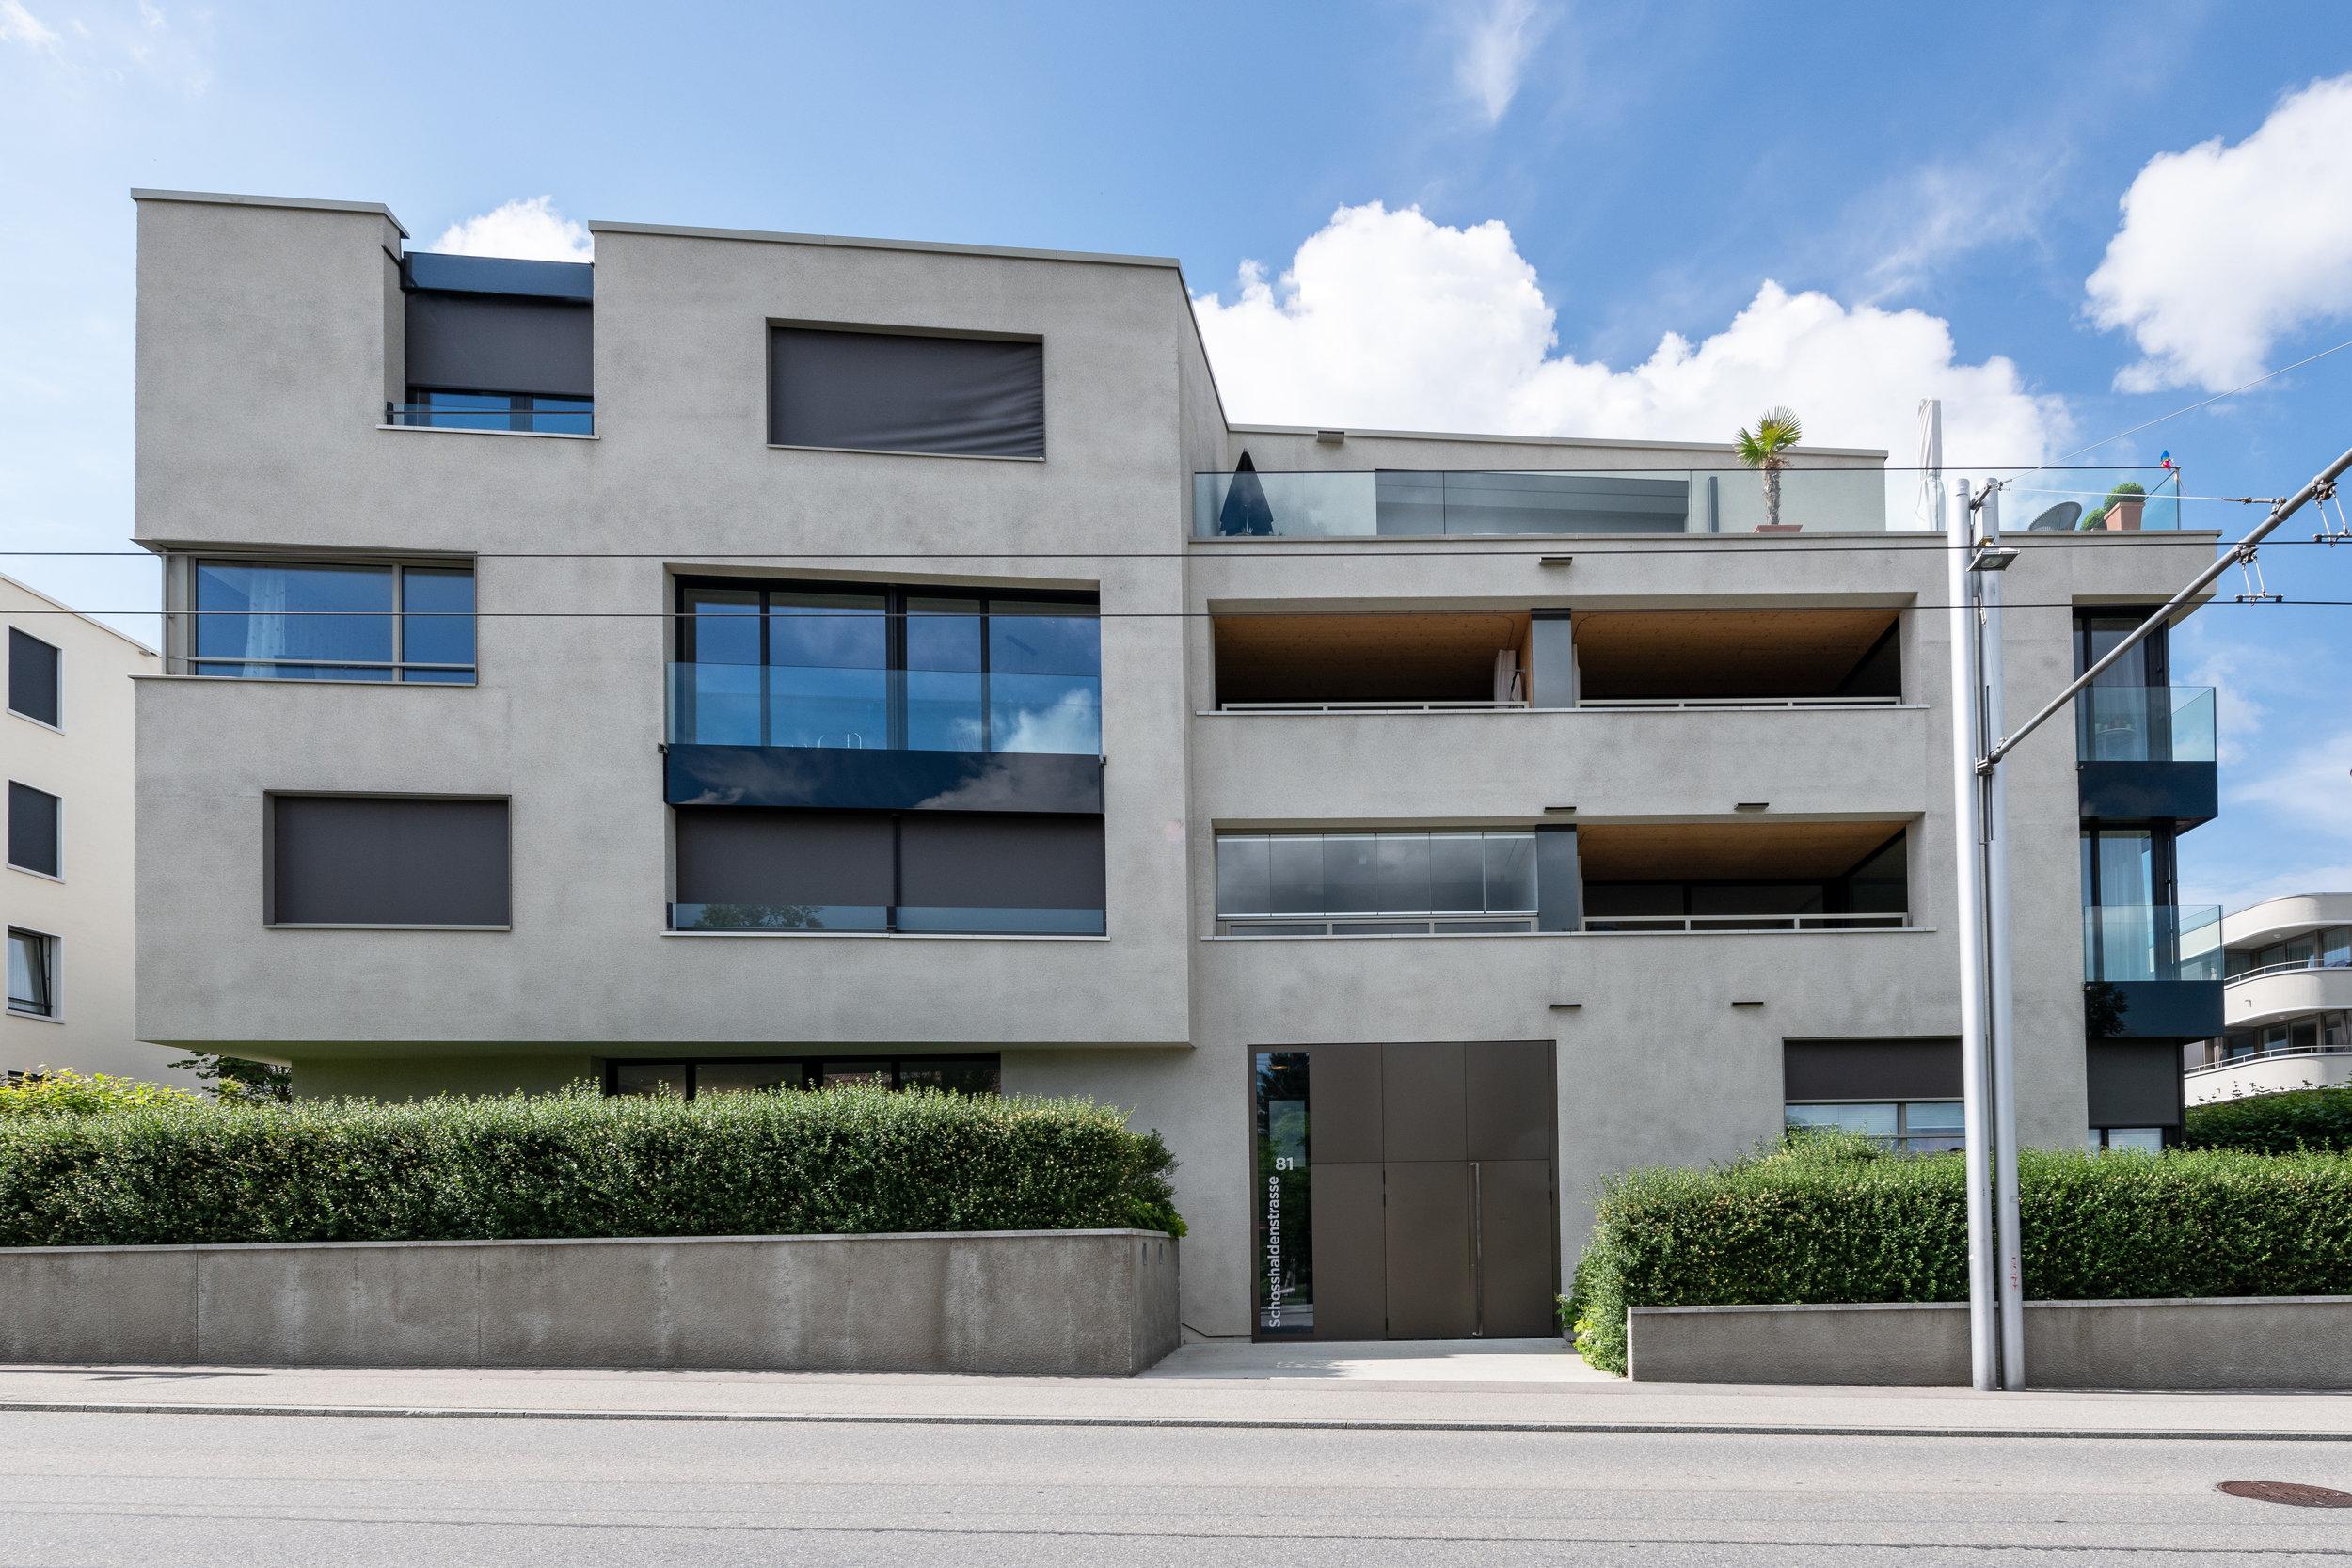 Immobilien und Architektur Fotograf-0010.jpg